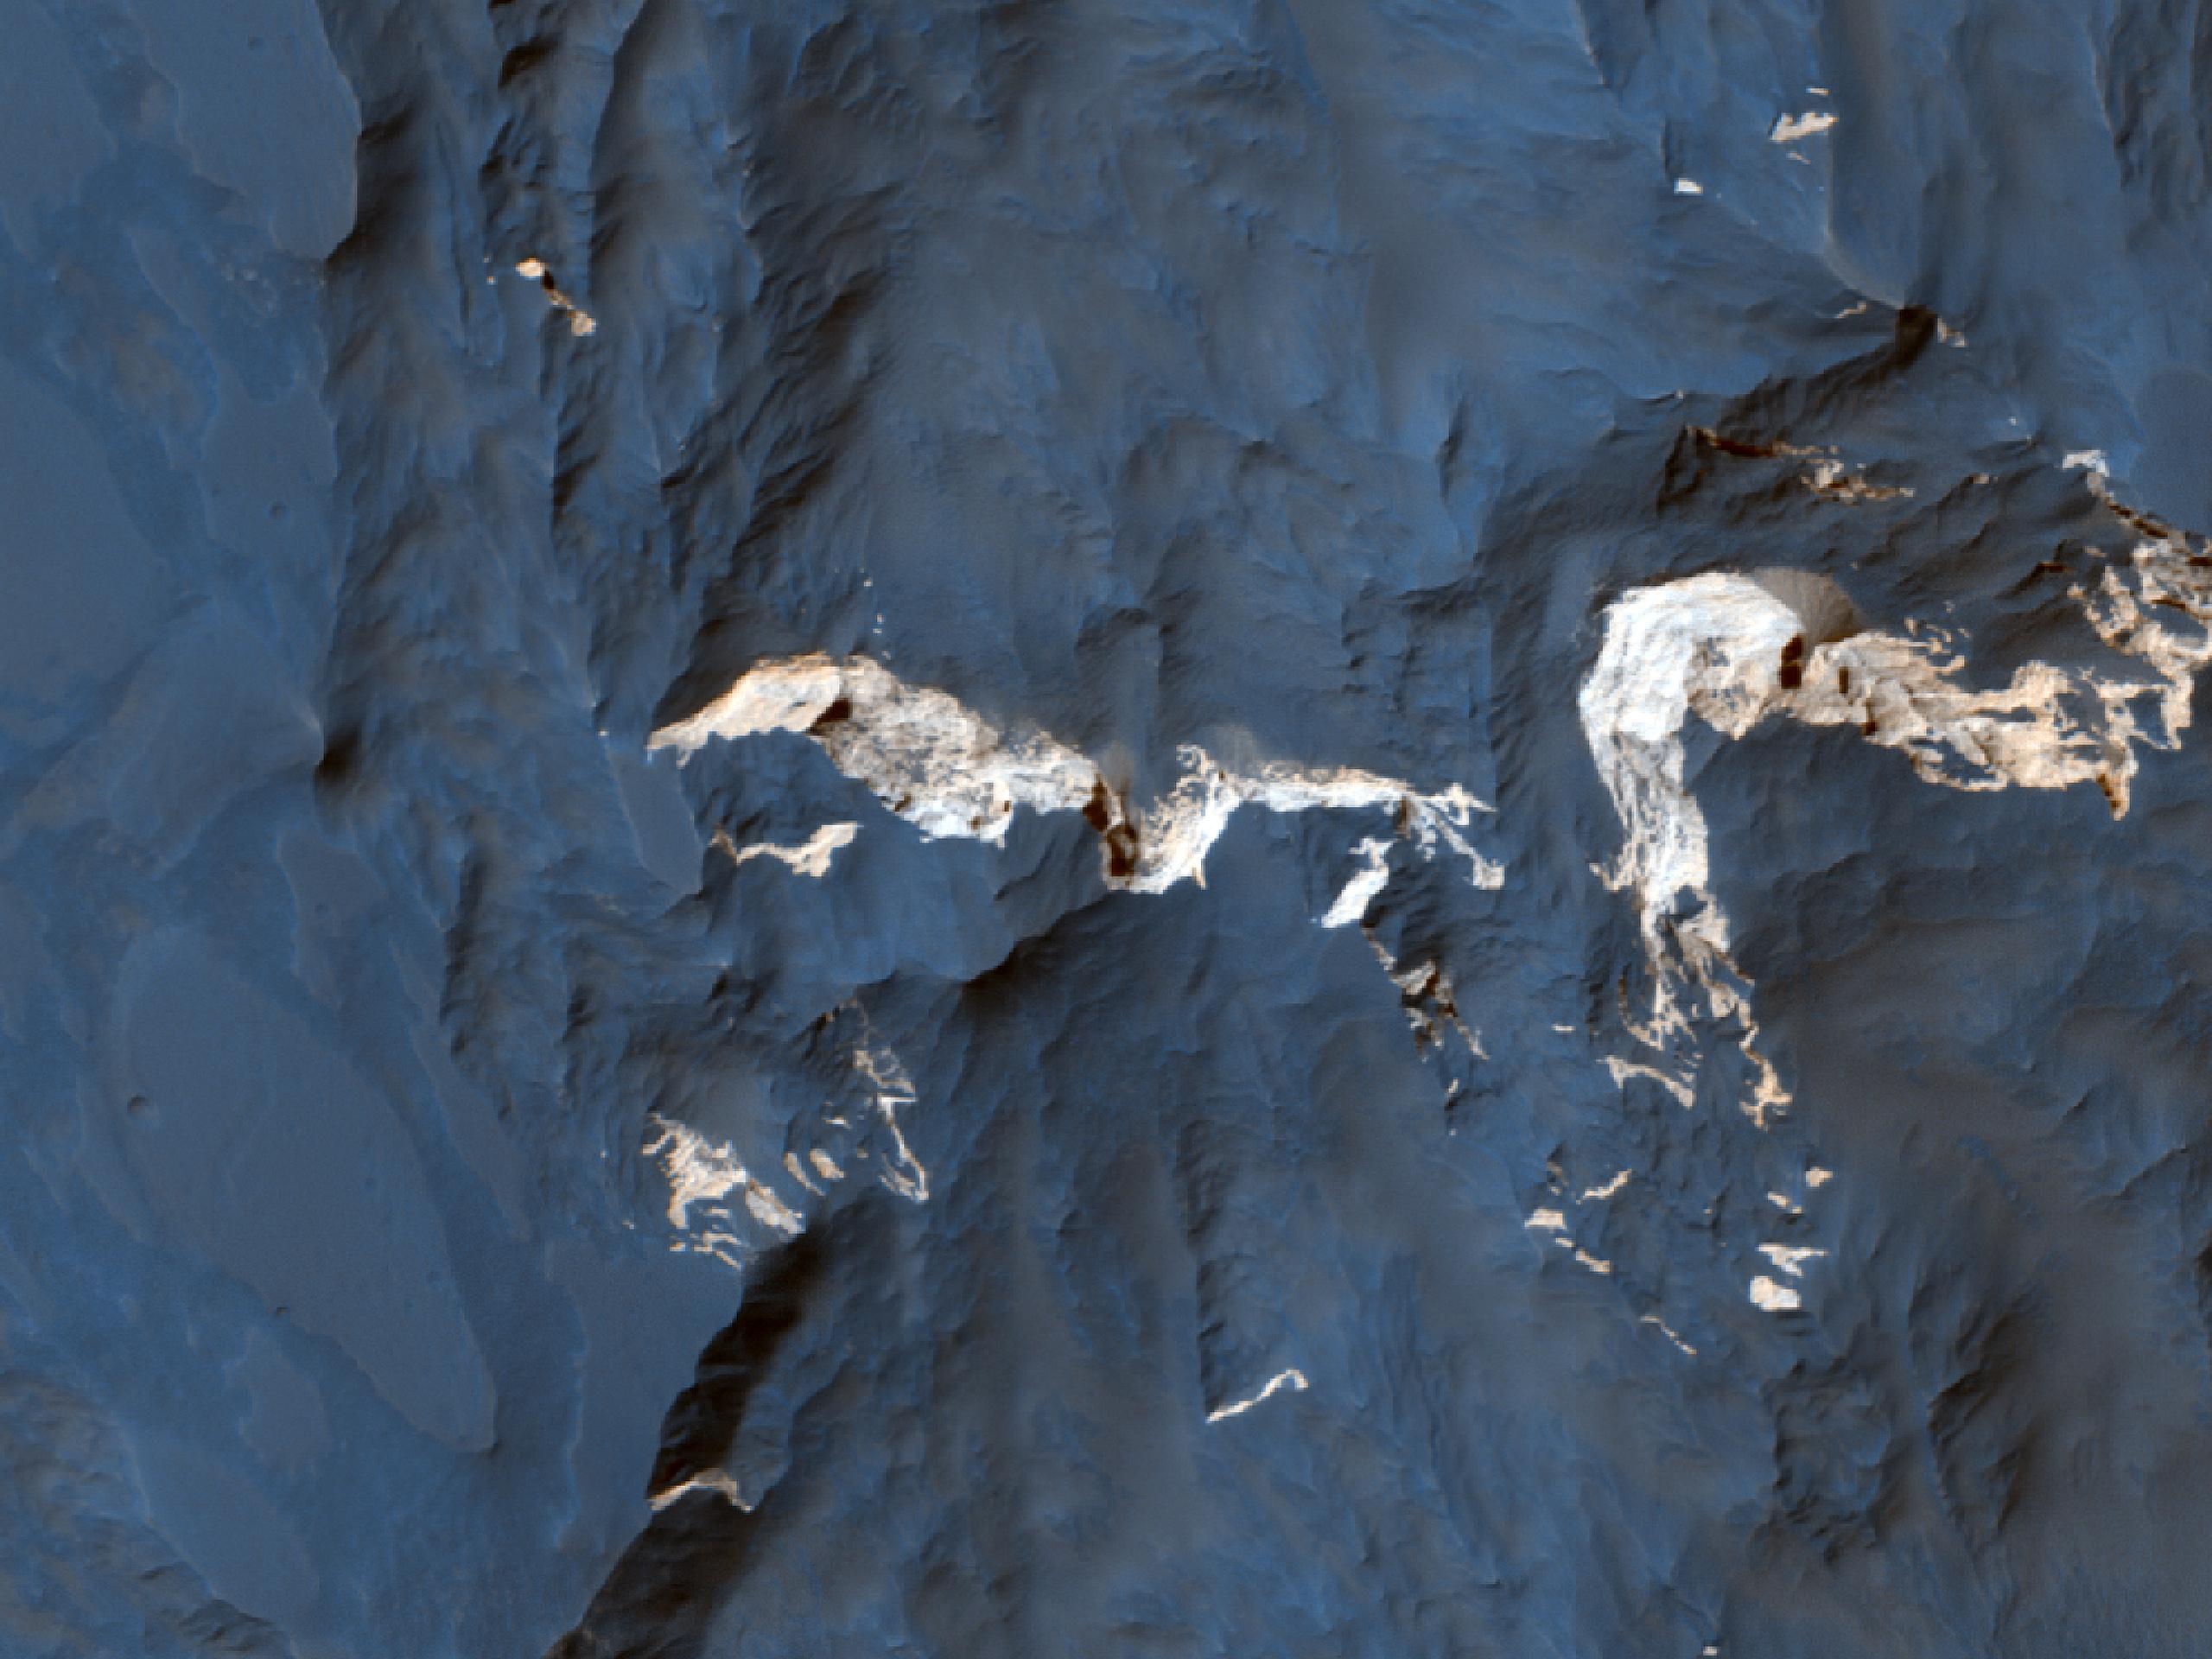 שטח כהה ושכבות בהירות בקניון קפרי קזמה (Capri Chasma)